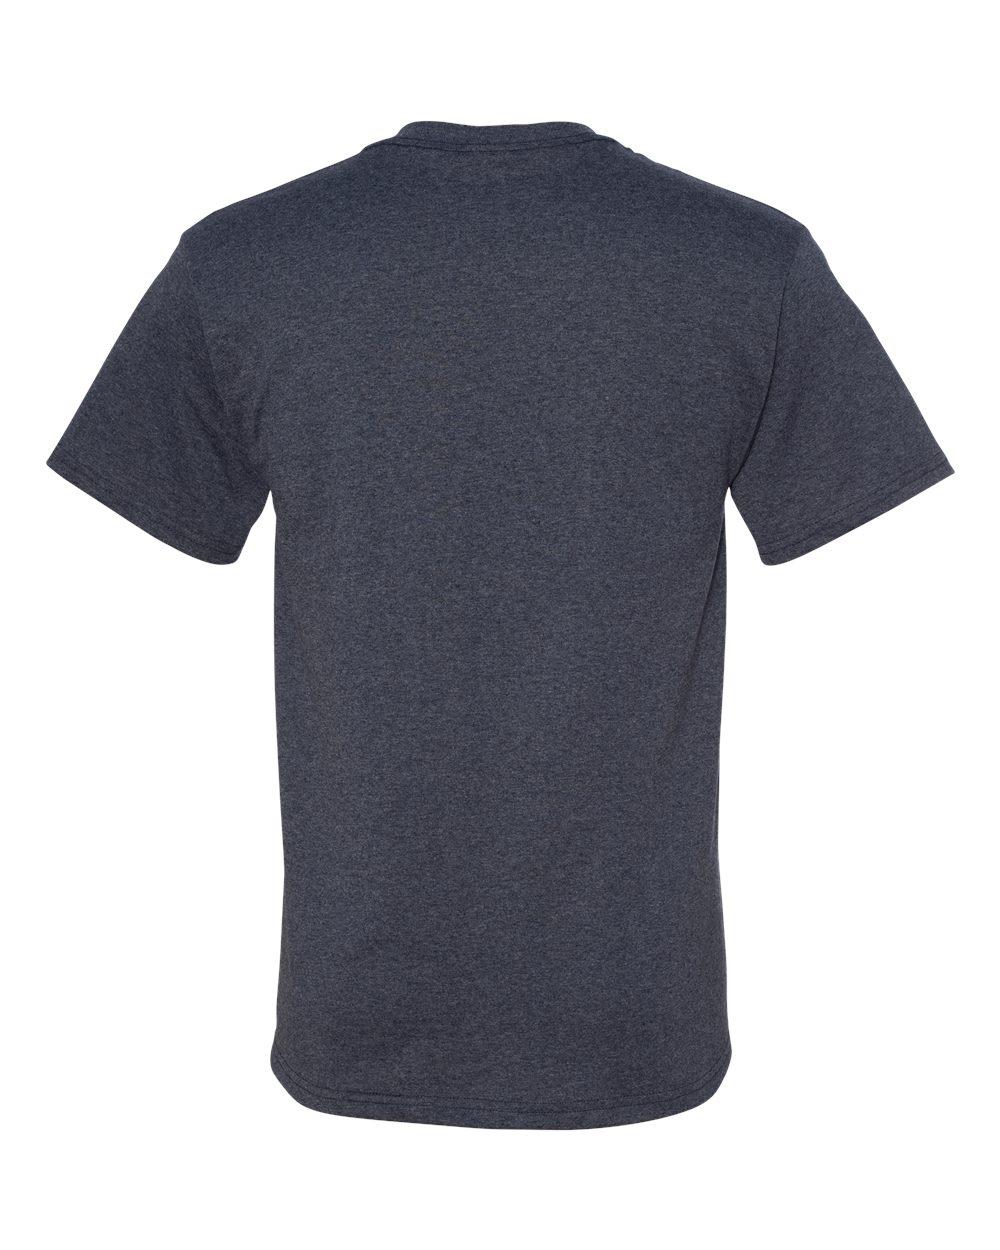 Jerzees-Men-039-s-5-6-oz-50-50-Heavyweight-Blend-T-Shirt-29M-S-4XL thumbnail 52